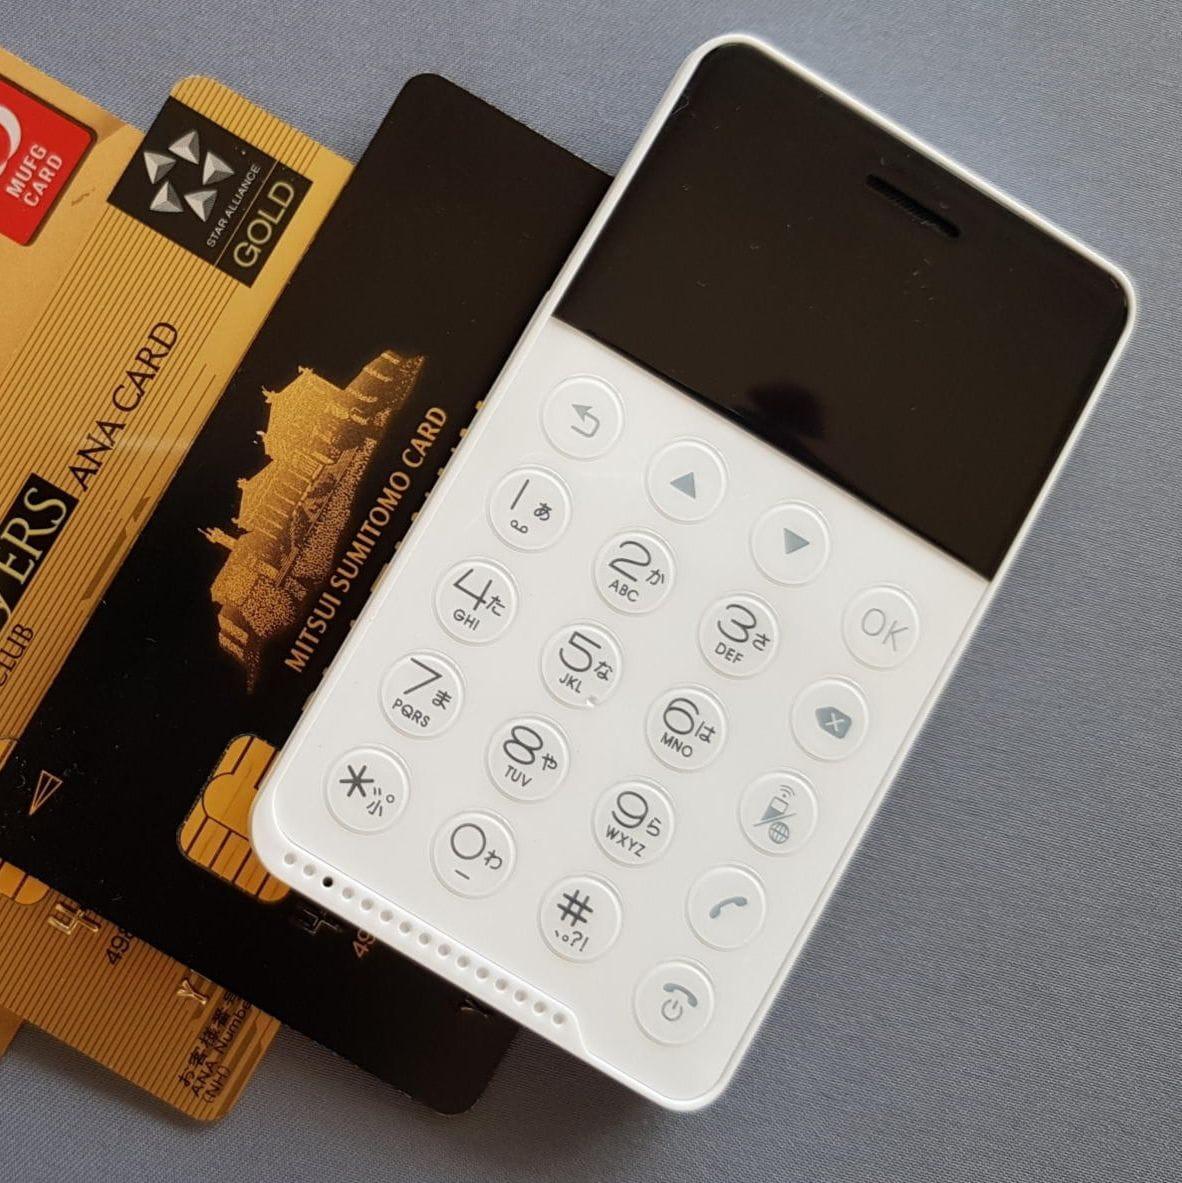 ВЯпонии представили мини-смартфон NichePhone-S